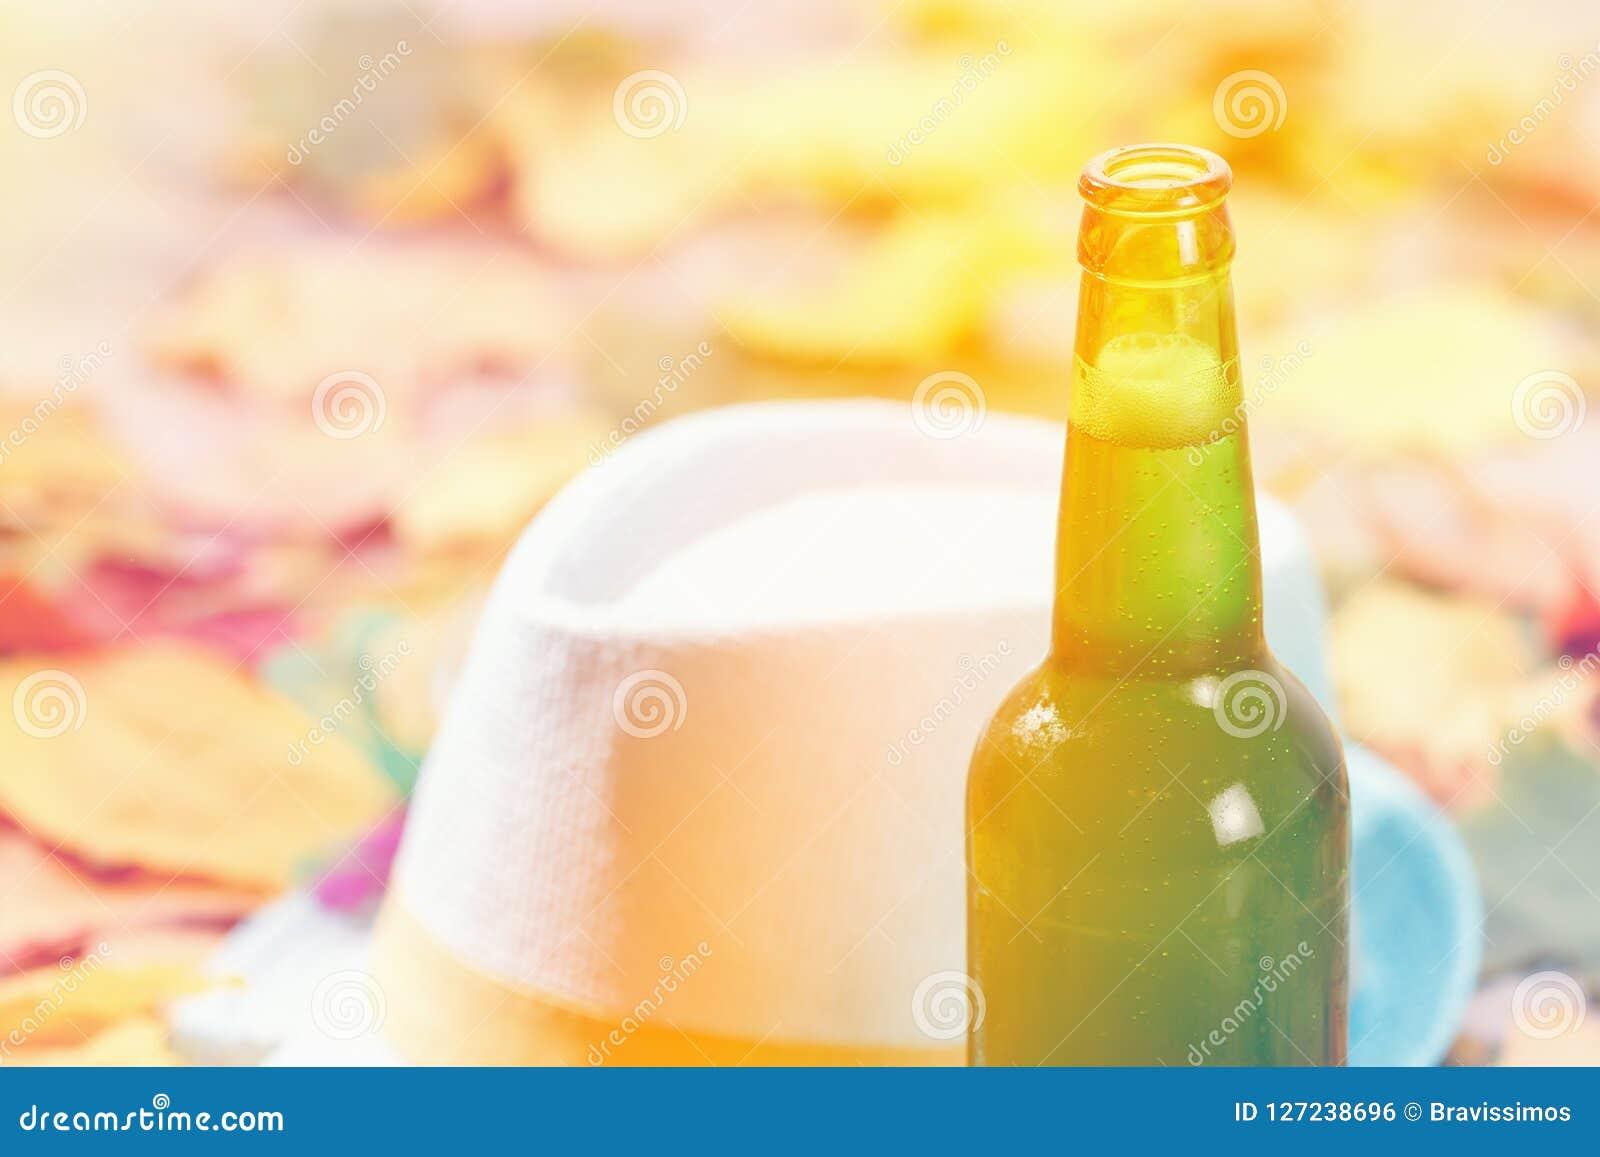 Το μπουκάλι του πιό octoberfest πικ-νίκ πιντών γυαλιού μπύρας στο φυσικό υπόβαθρο με το καπέλο και το φθινόπωρο φεύγει